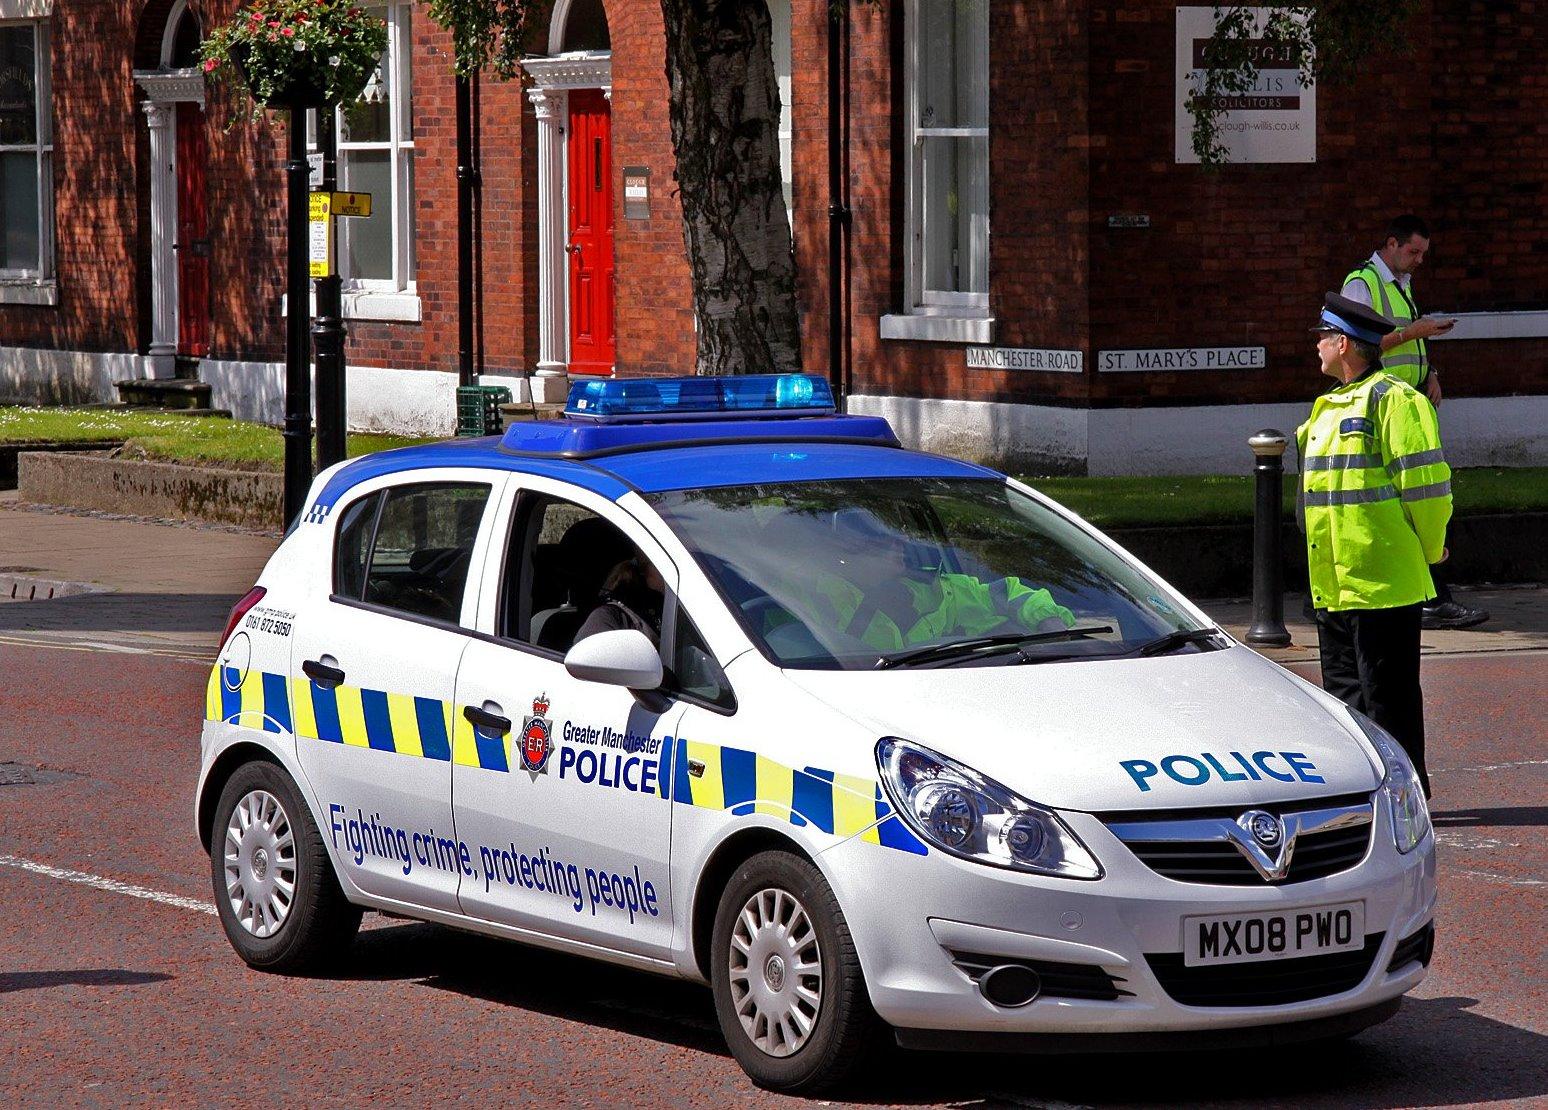 police-breach-social-media-guidelines